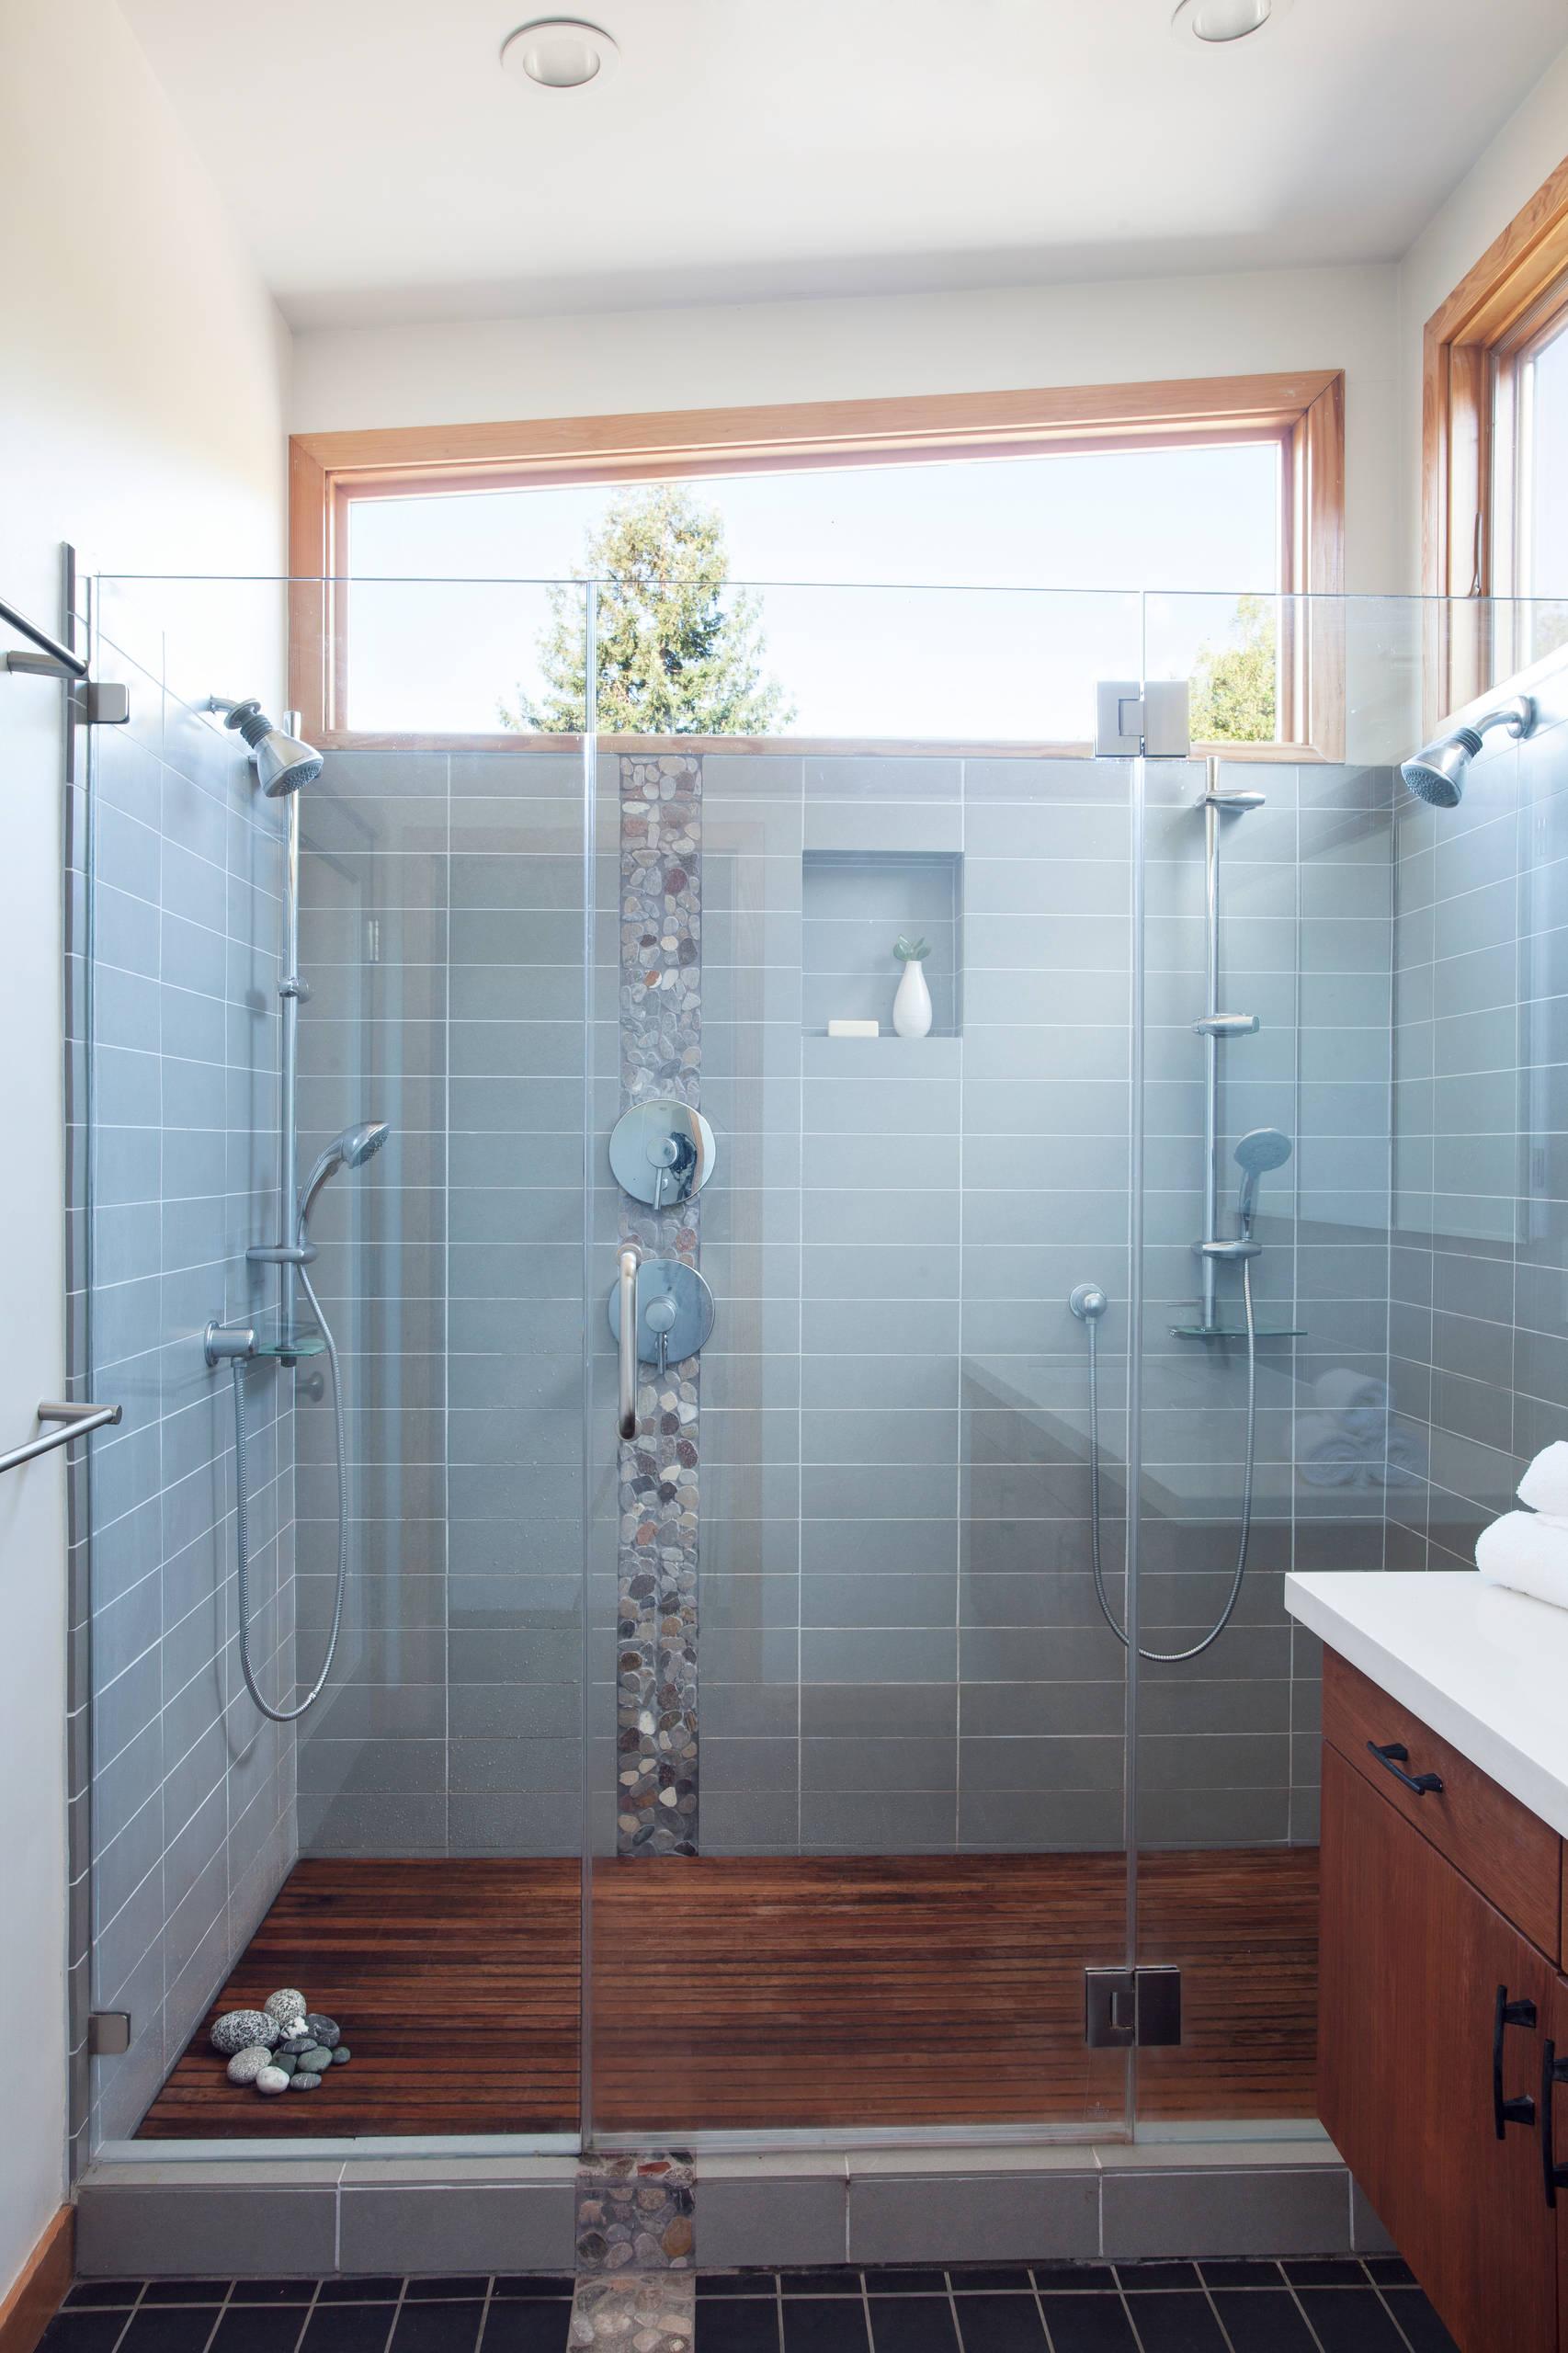 Teak Wood Bathroom Countertop Houzz